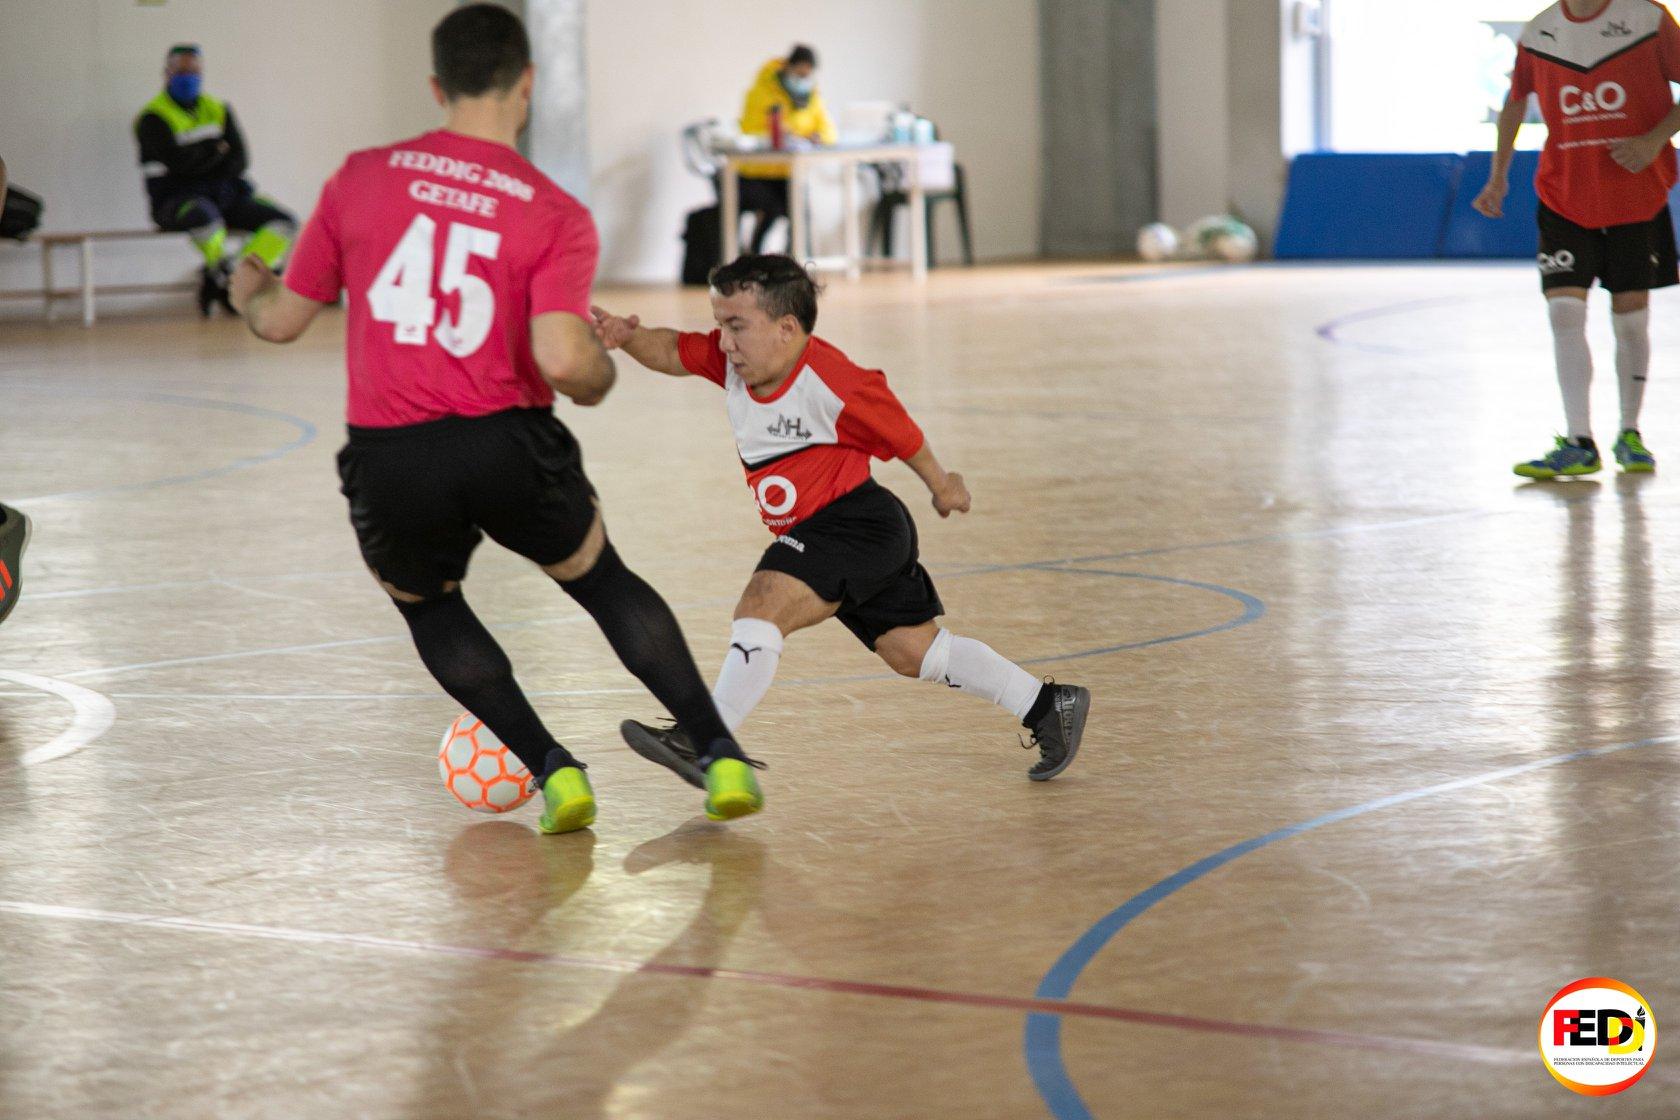 feddi foto no hay límite campeonato españa fútbol sala